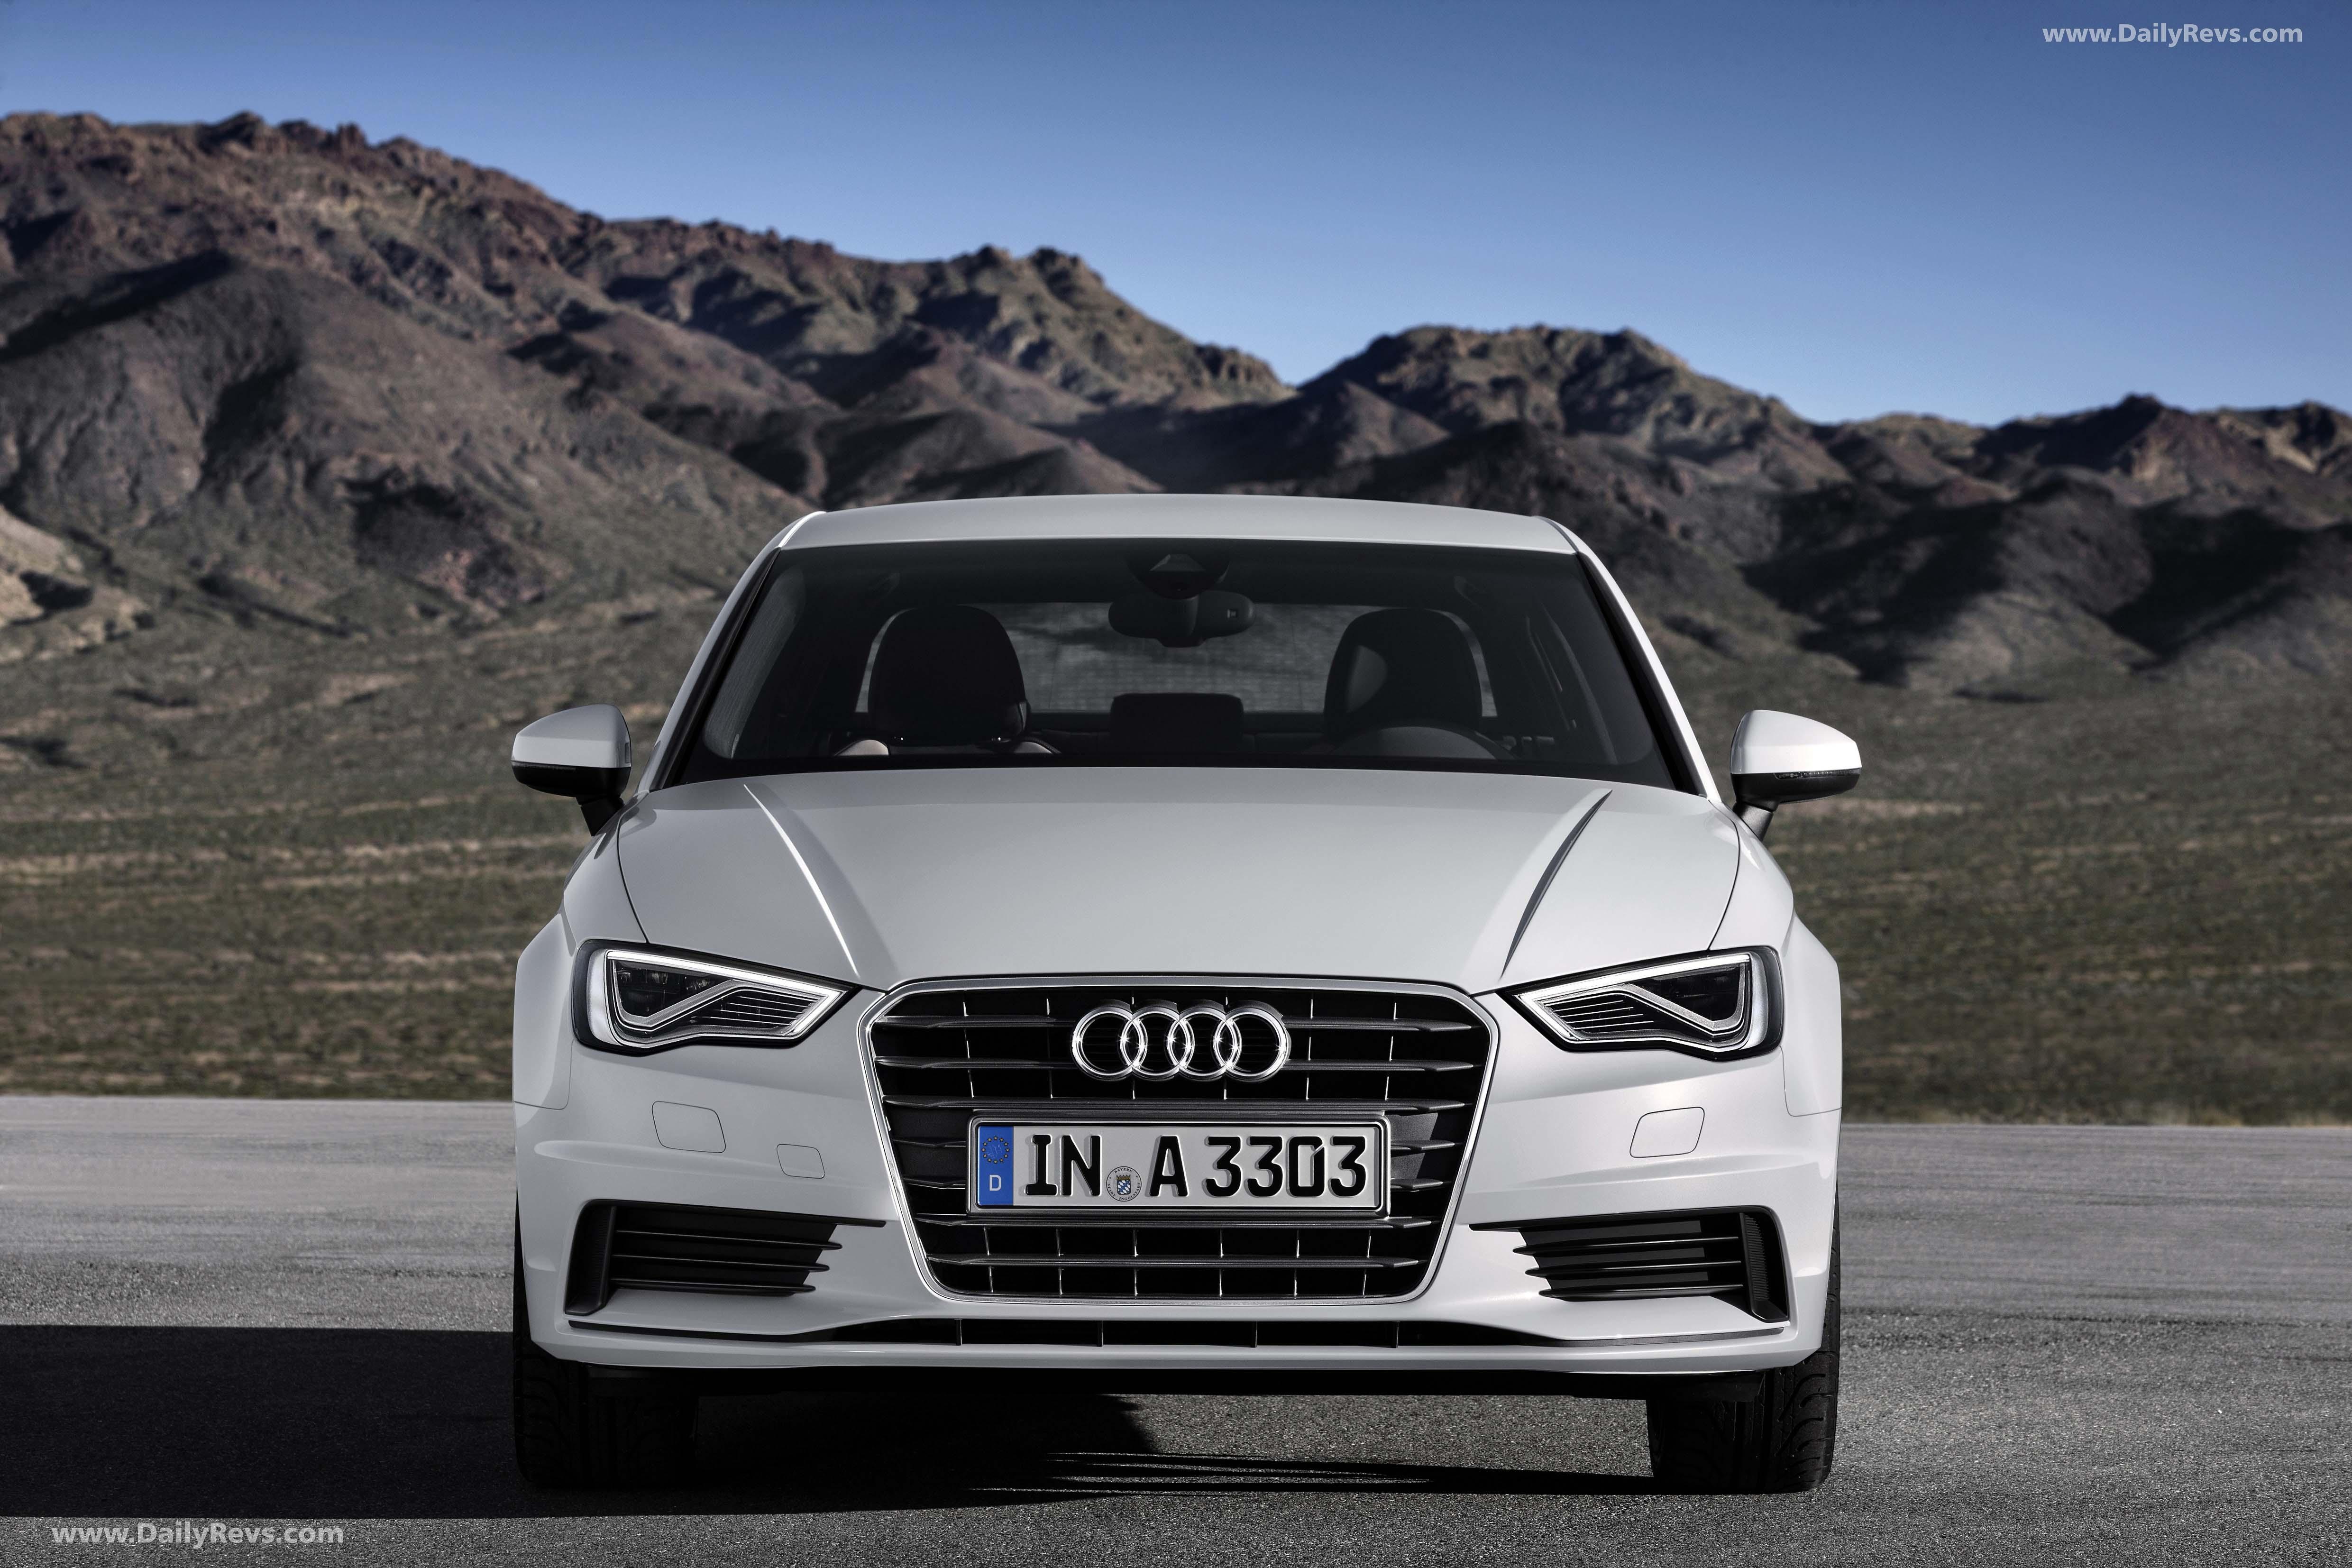 Kelebihan Kekurangan Audi A3 Sedan 2014 Top Model Tahun Ini